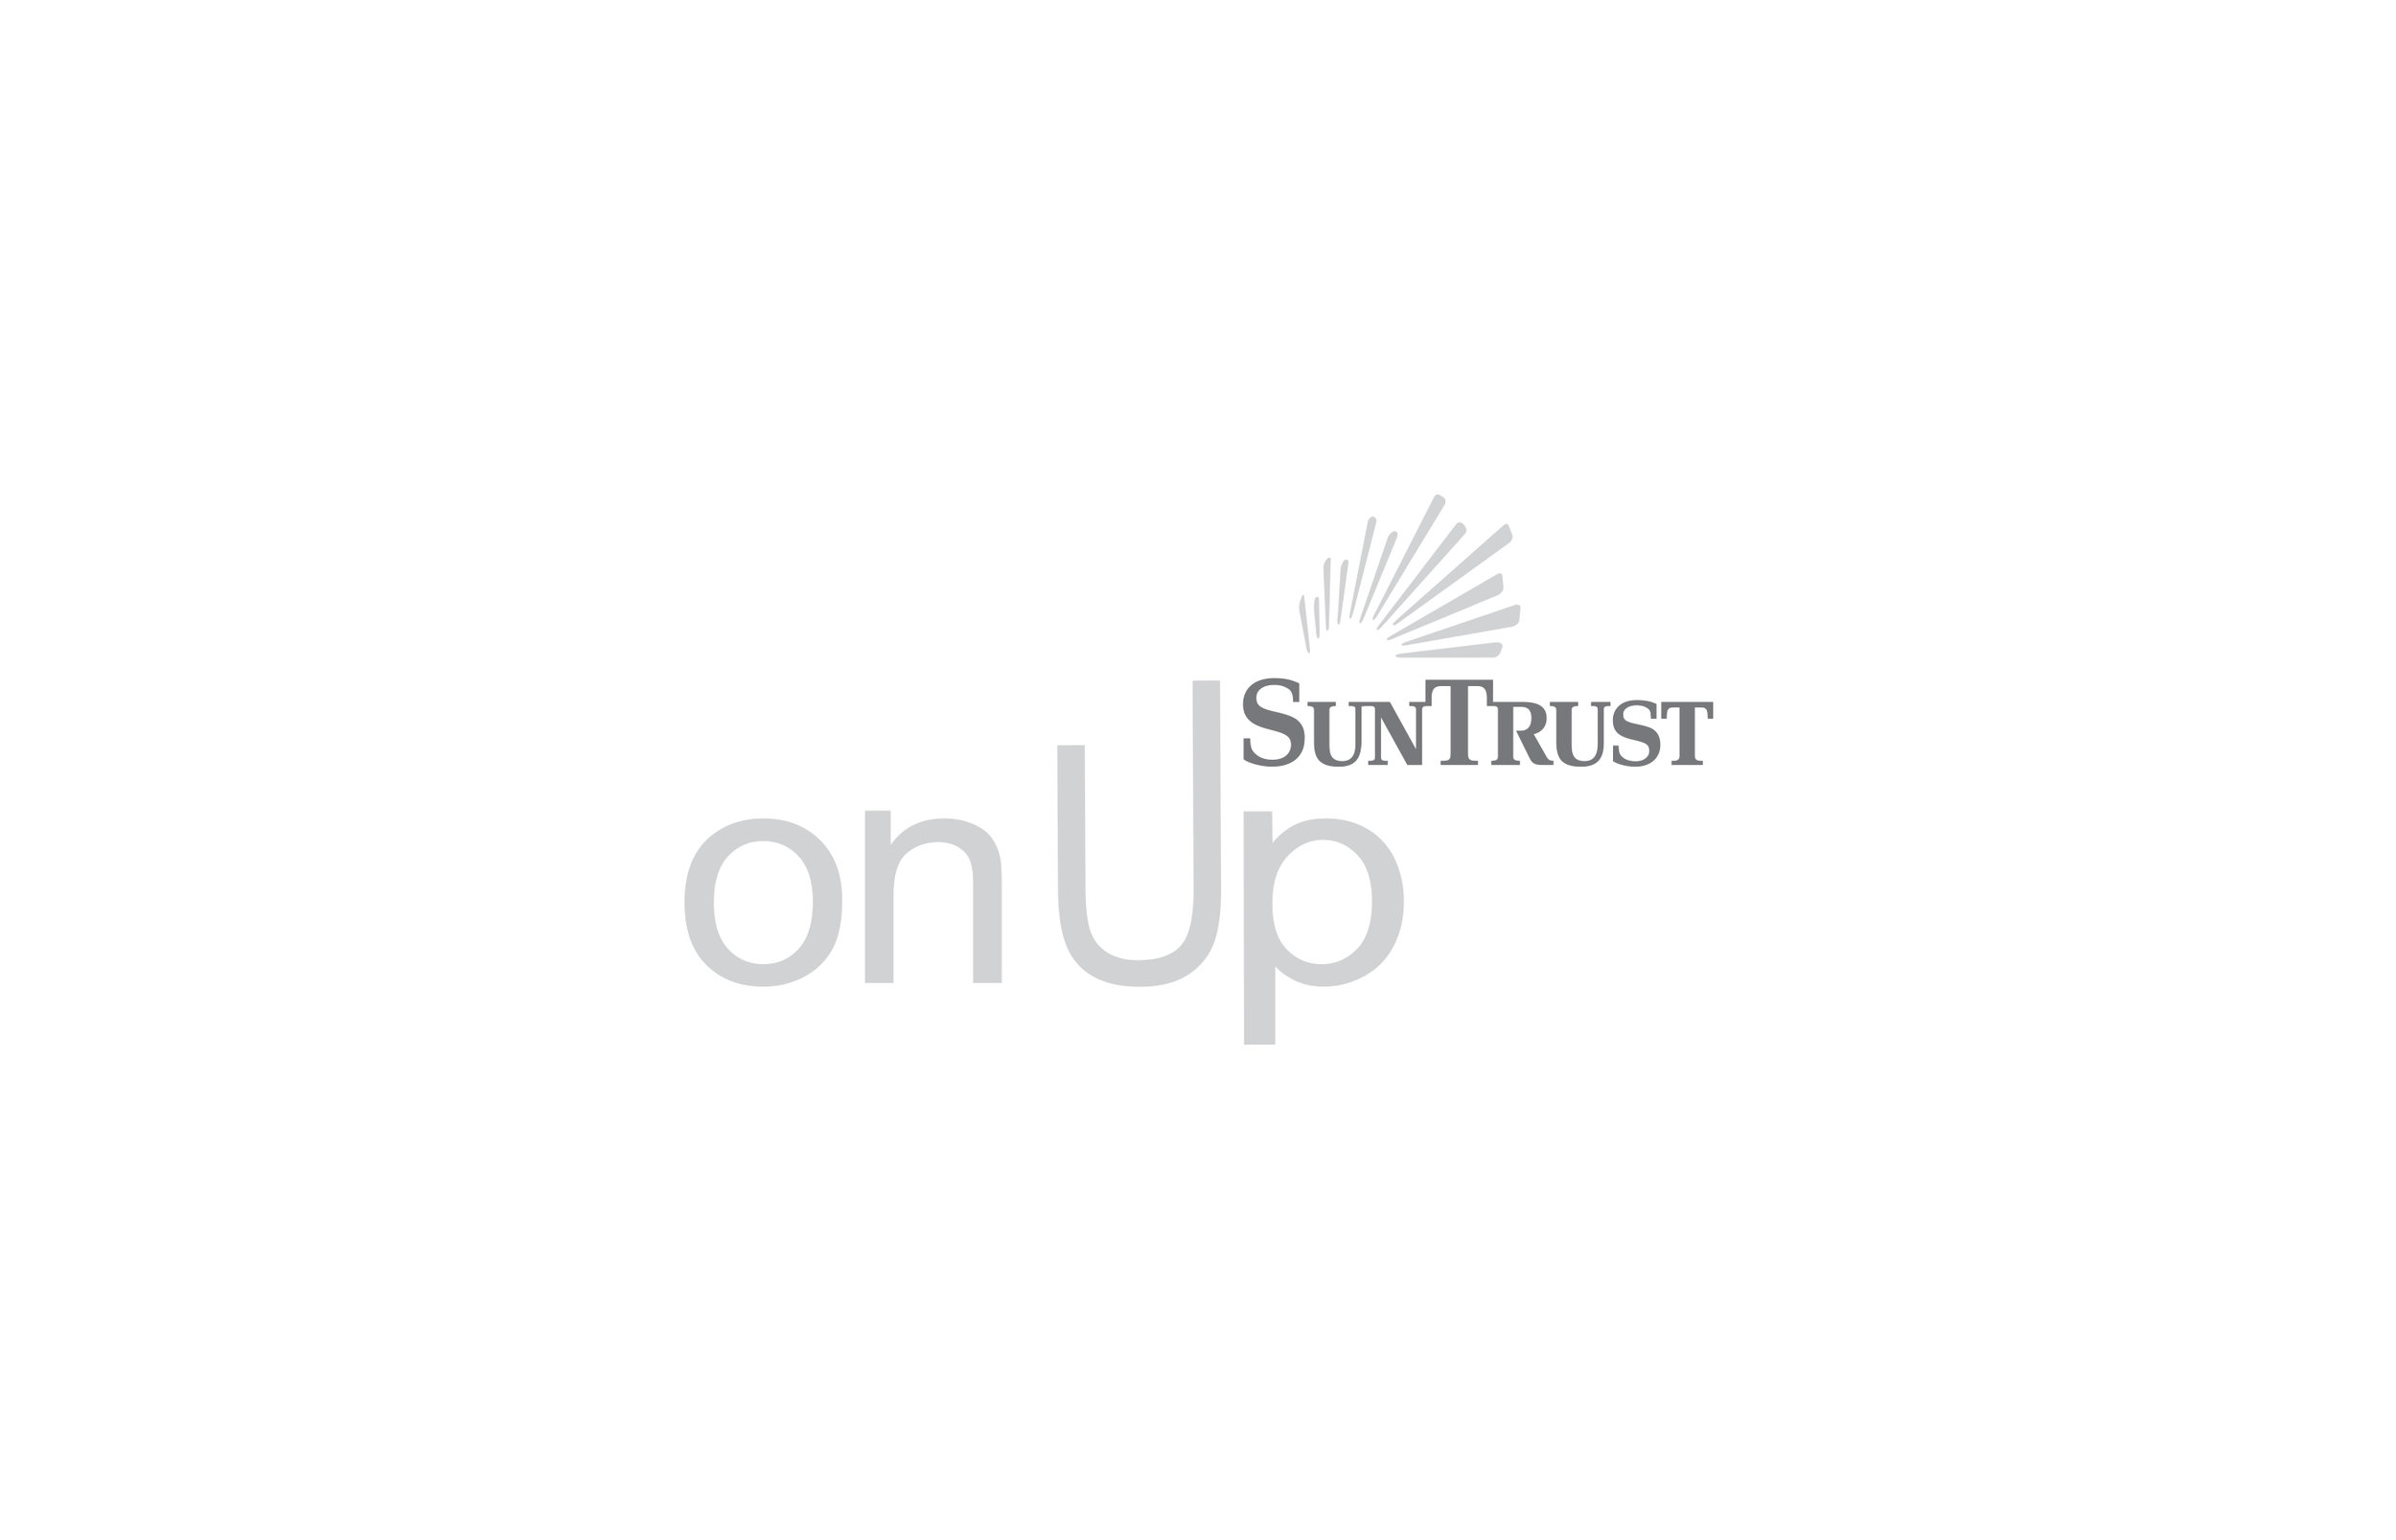 2018_TDP_2800x1800_Brand_SunTrust1.jpg